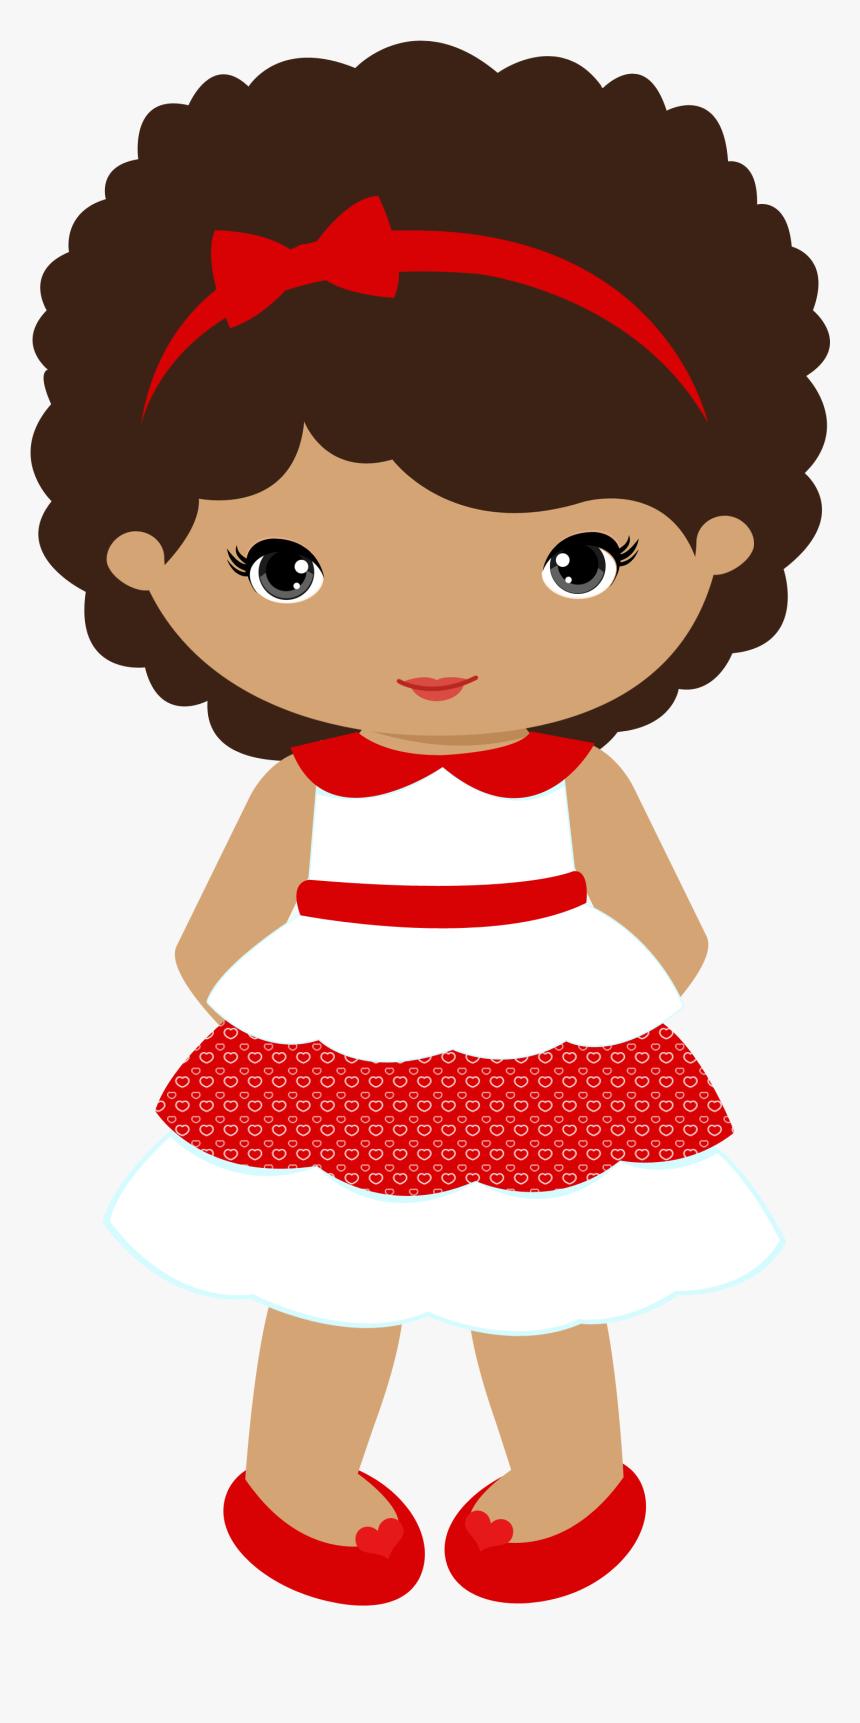 Doll Clipart Barbi Boneca Cabelo Cacheado Desenho Hd Png